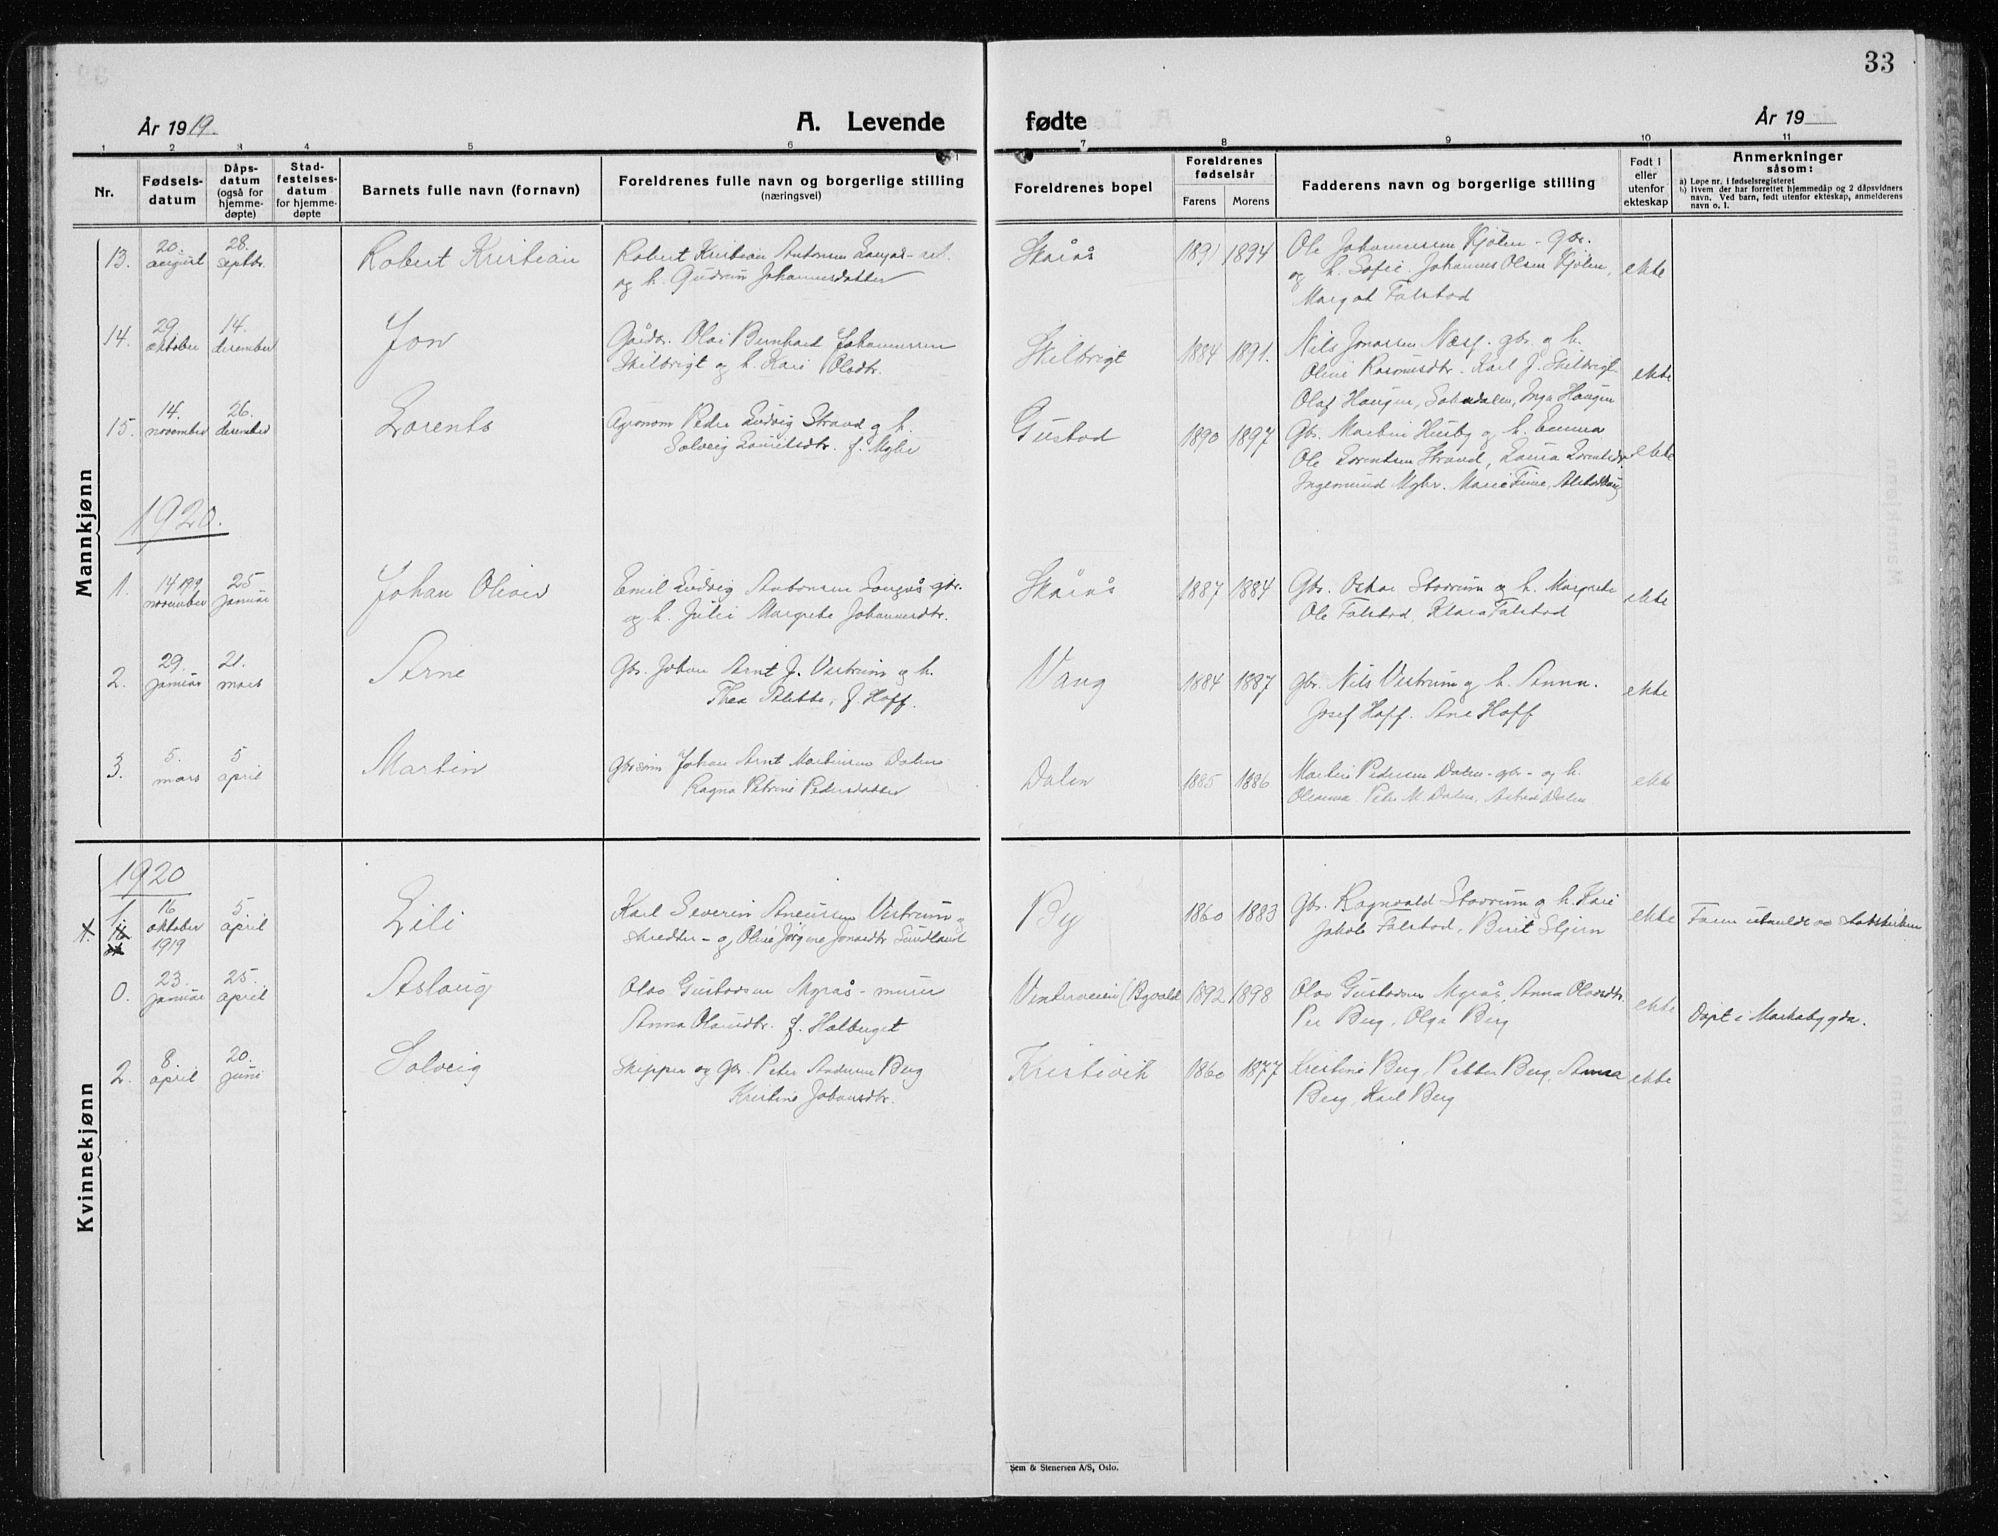 SAT, Ministerialprotokoller, klokkerbøker og fødselsregistre - Nord-Trøndelag, 719/L0180: Klokkerbok nr. 719C01, 1878-1940, s. 33